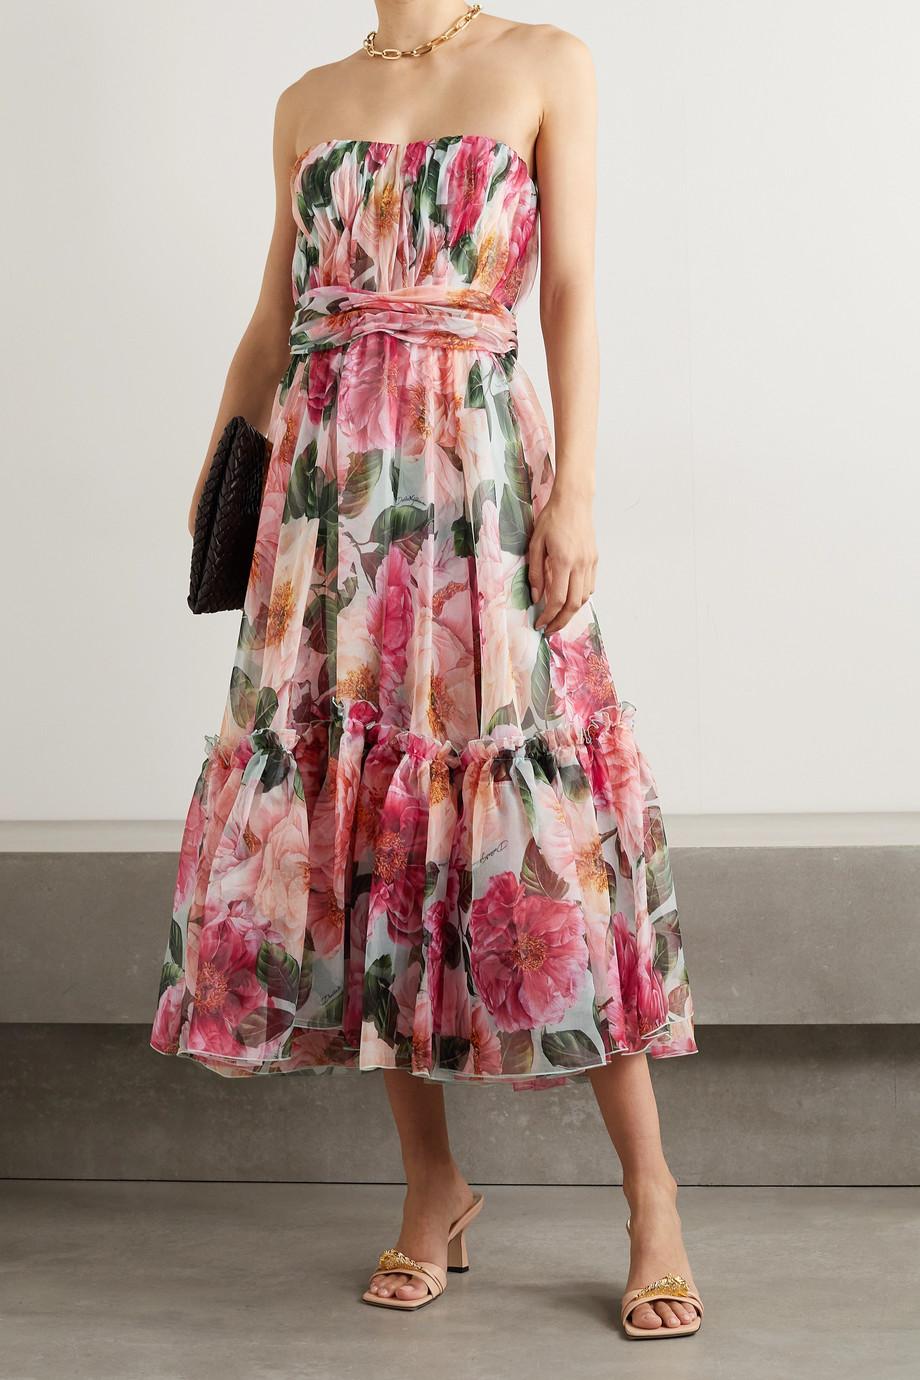 Dolce & Gabbana Robe midi bustier en organza de soie à imprimé fleuri, volants et fronces